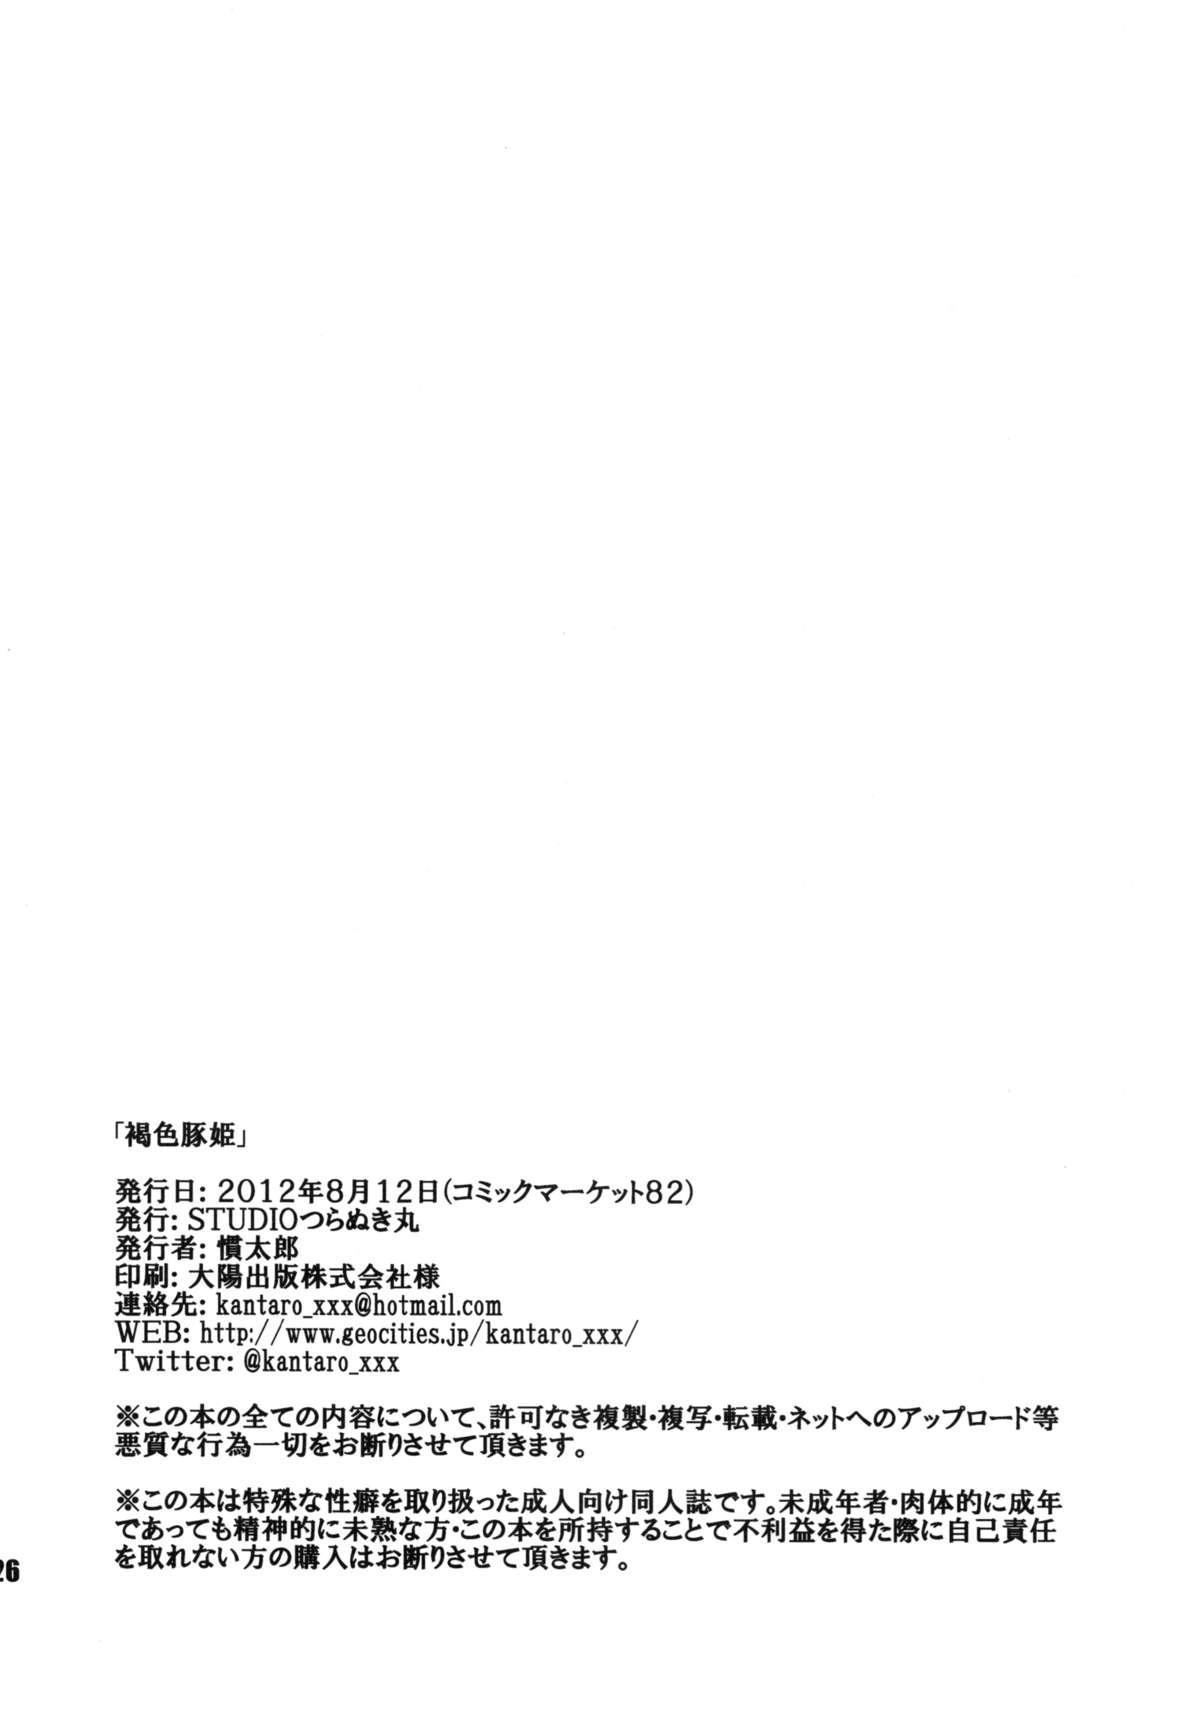 Kasshoku ButaHime - Chocolate Color & Pig's Princess 24